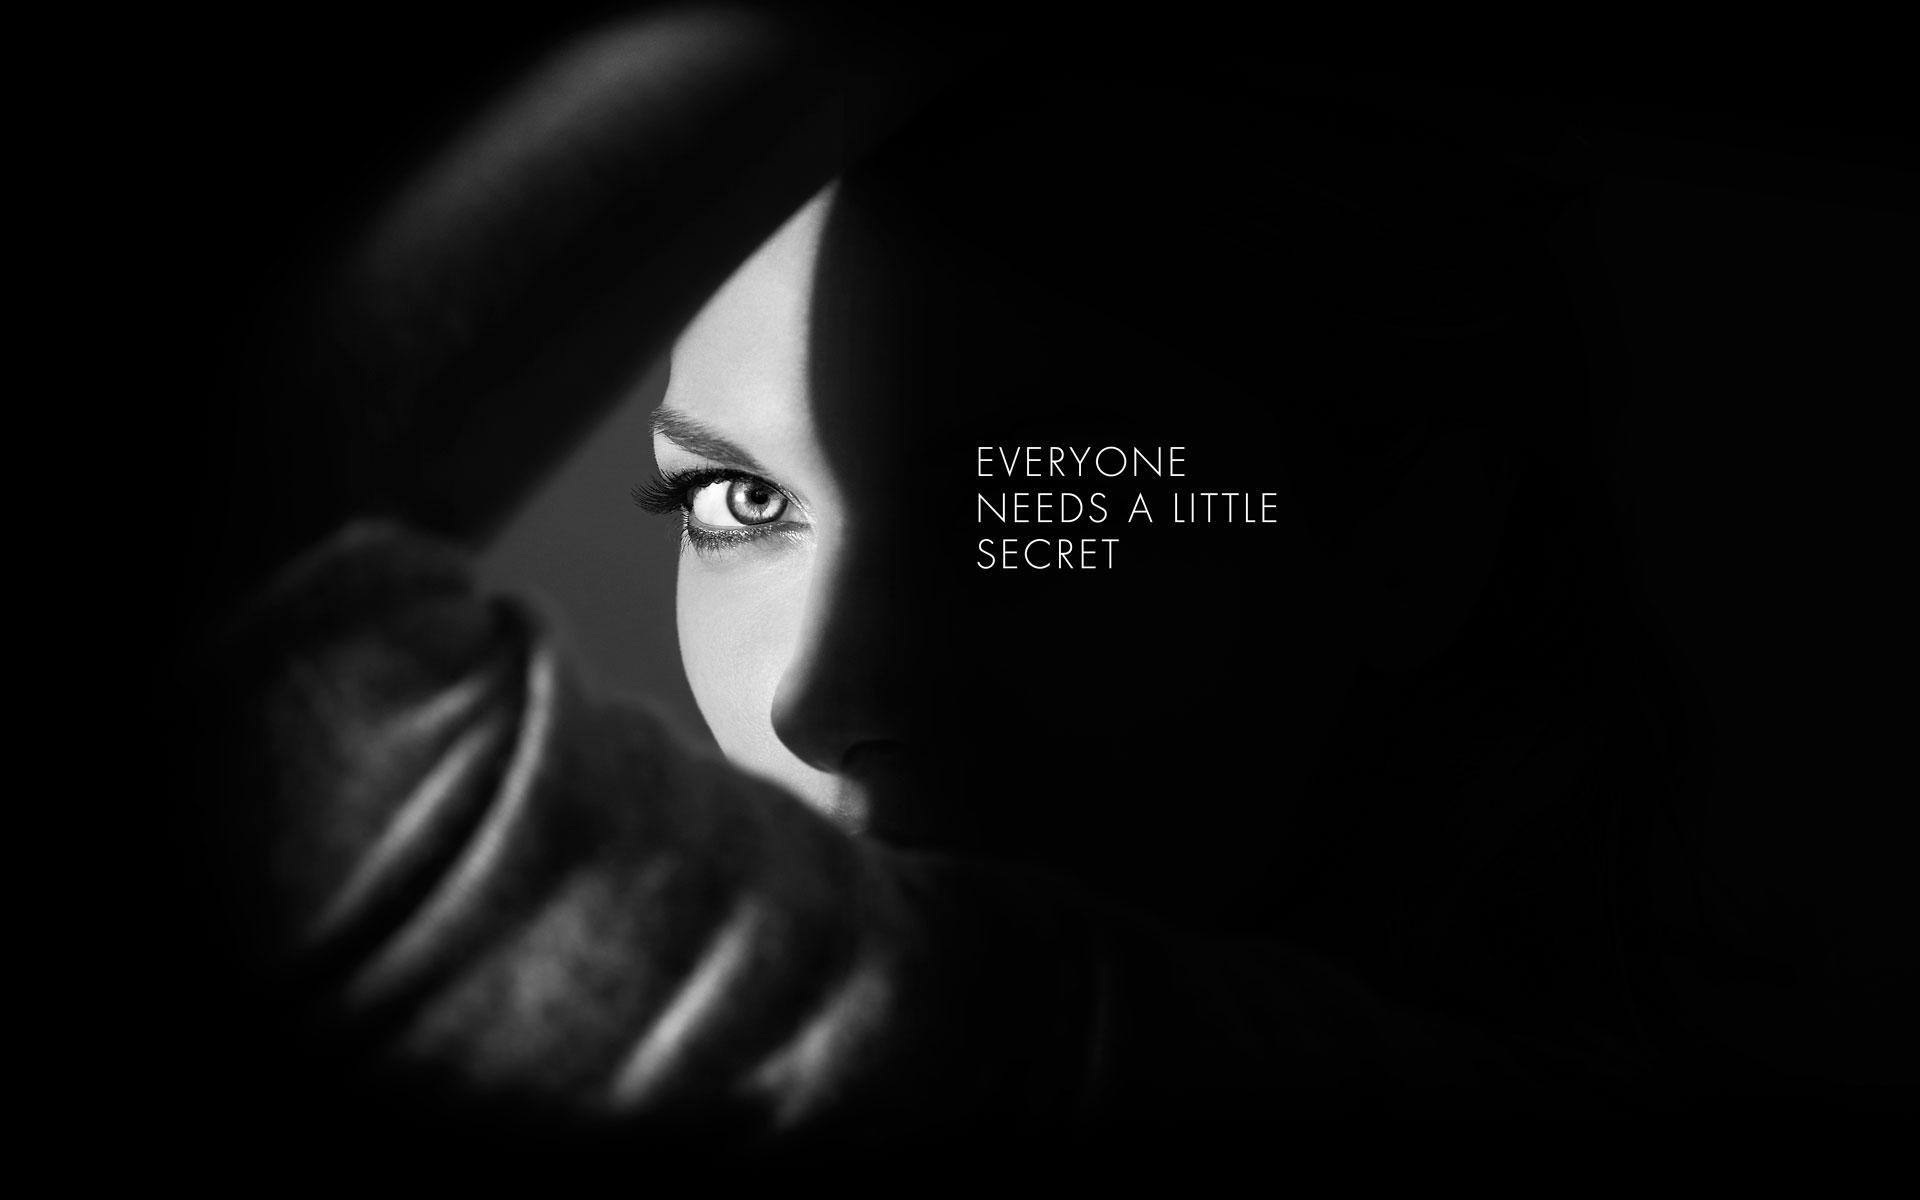 Everyone needs a little secret